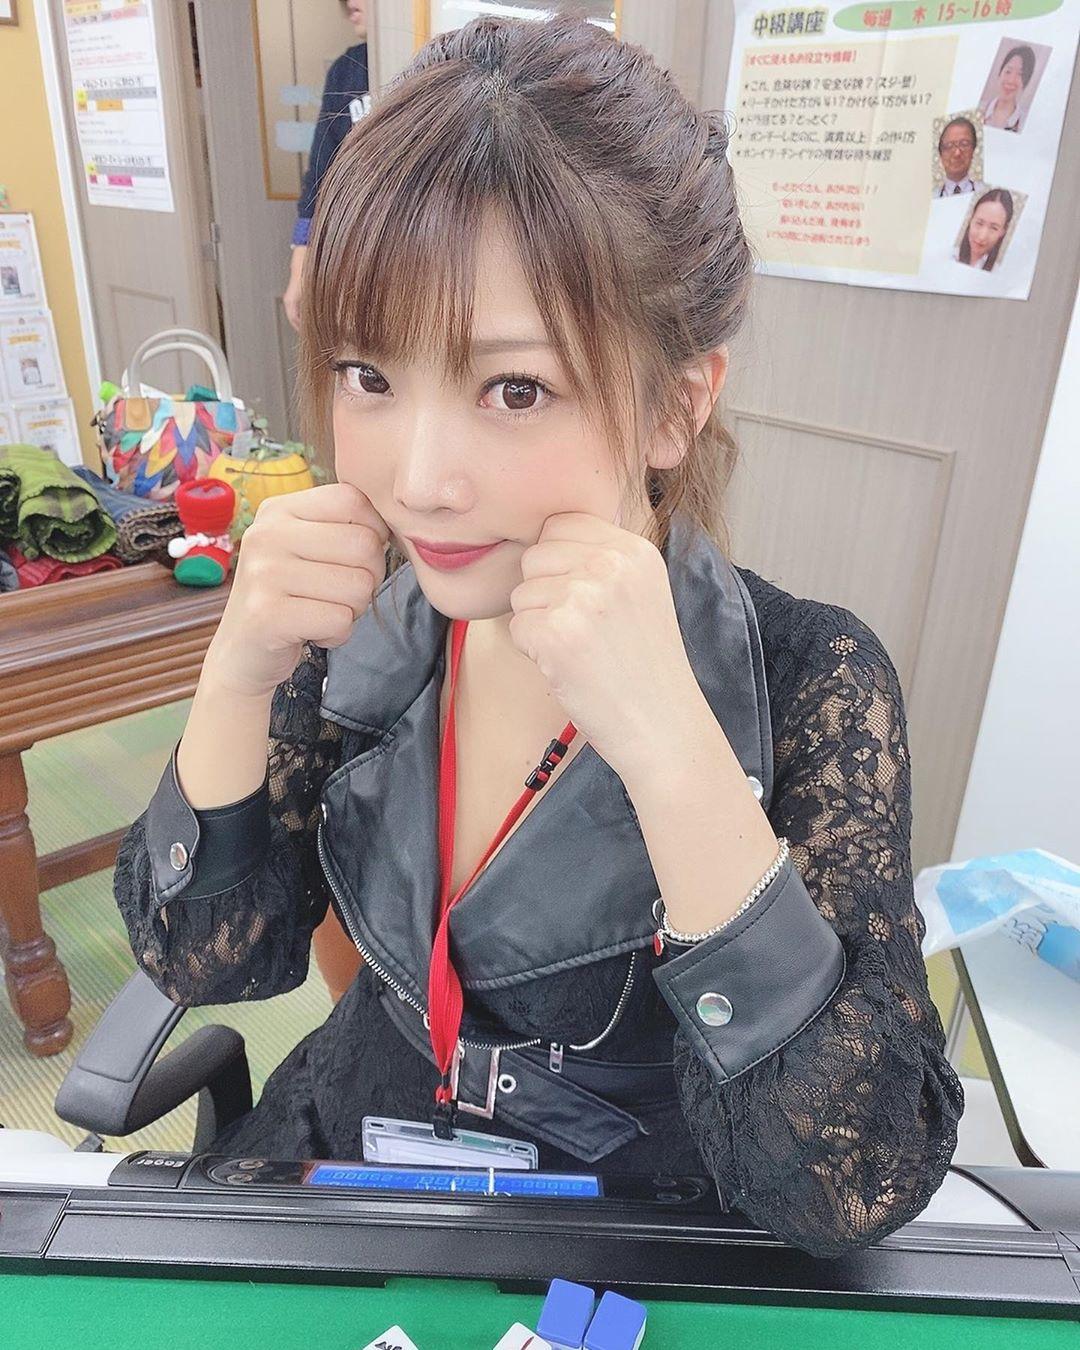 fujita_ena061.jpg